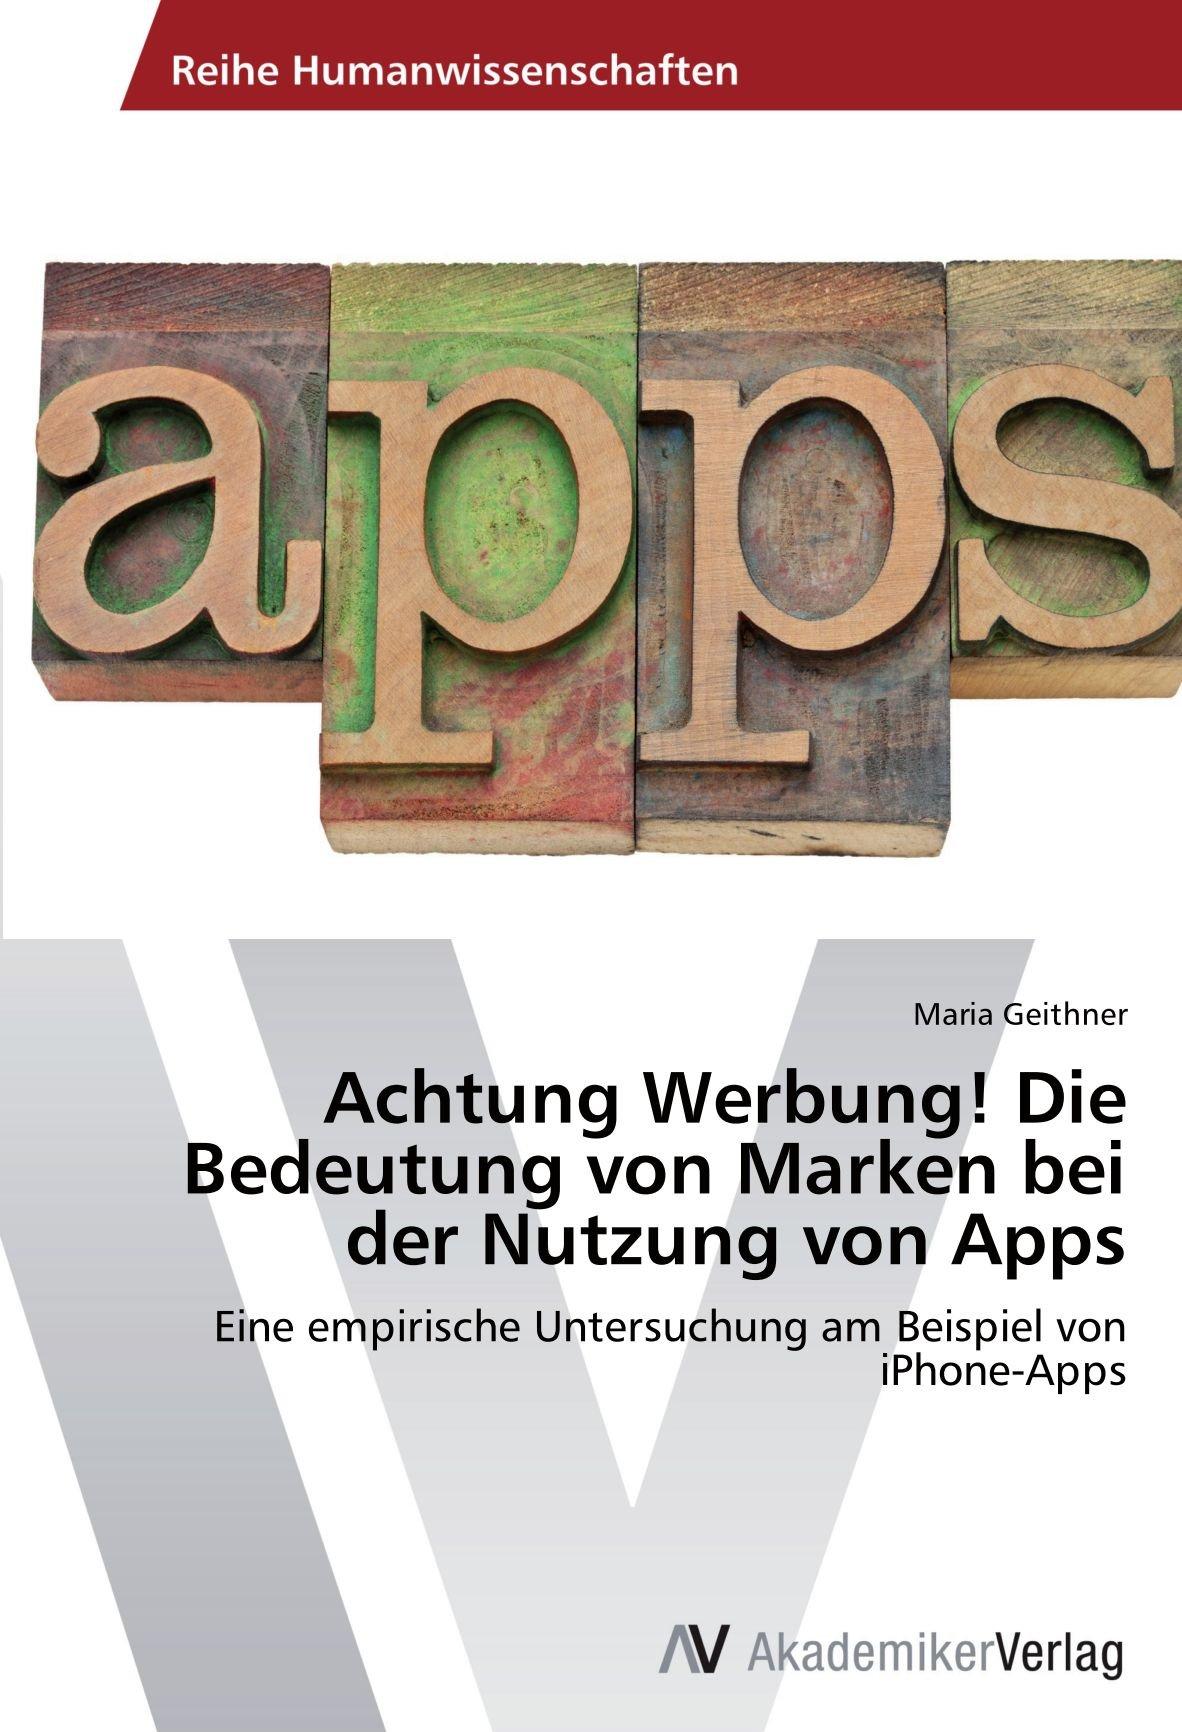 Download Achtung Werbung! Die Bedeutung von Marken bei der Nutzung von Apps: Eine empirische Untersuchung am Beispiel von iPhone-Apps (German Edition) pdf